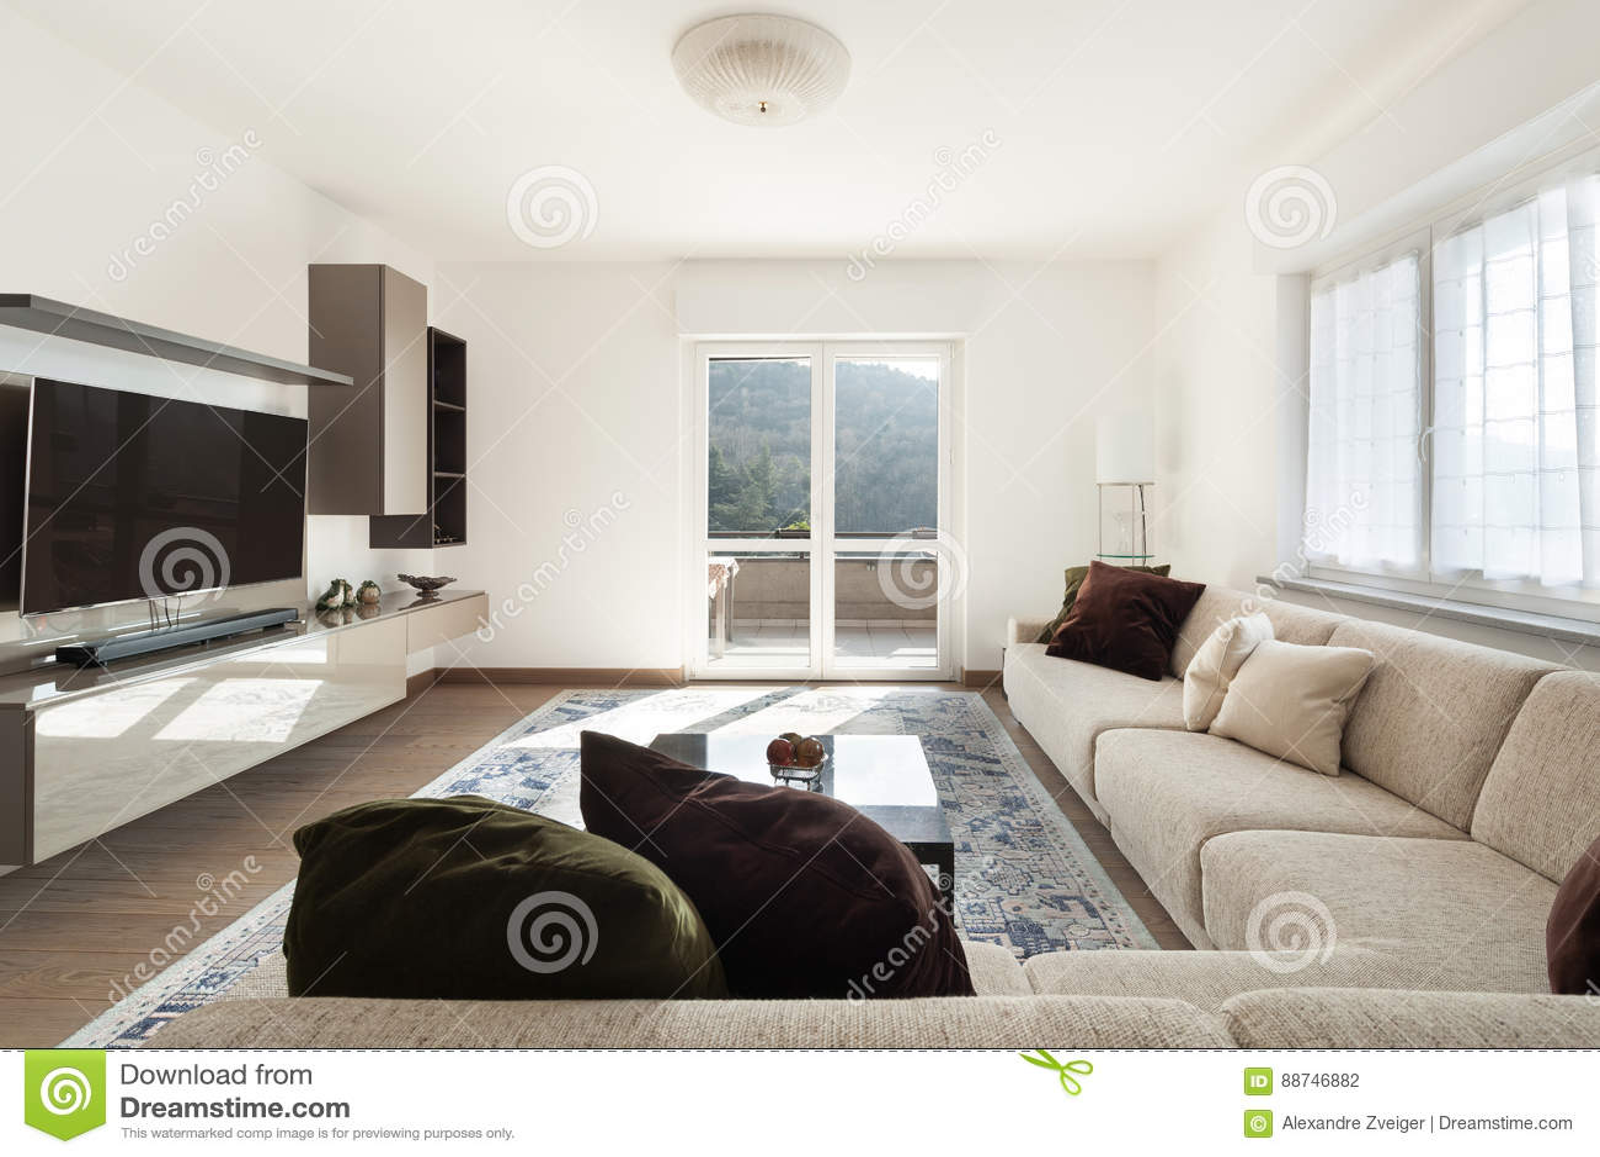 Woonkamer met grote banken stock foto. Afbeelding bestaande uit flat ...